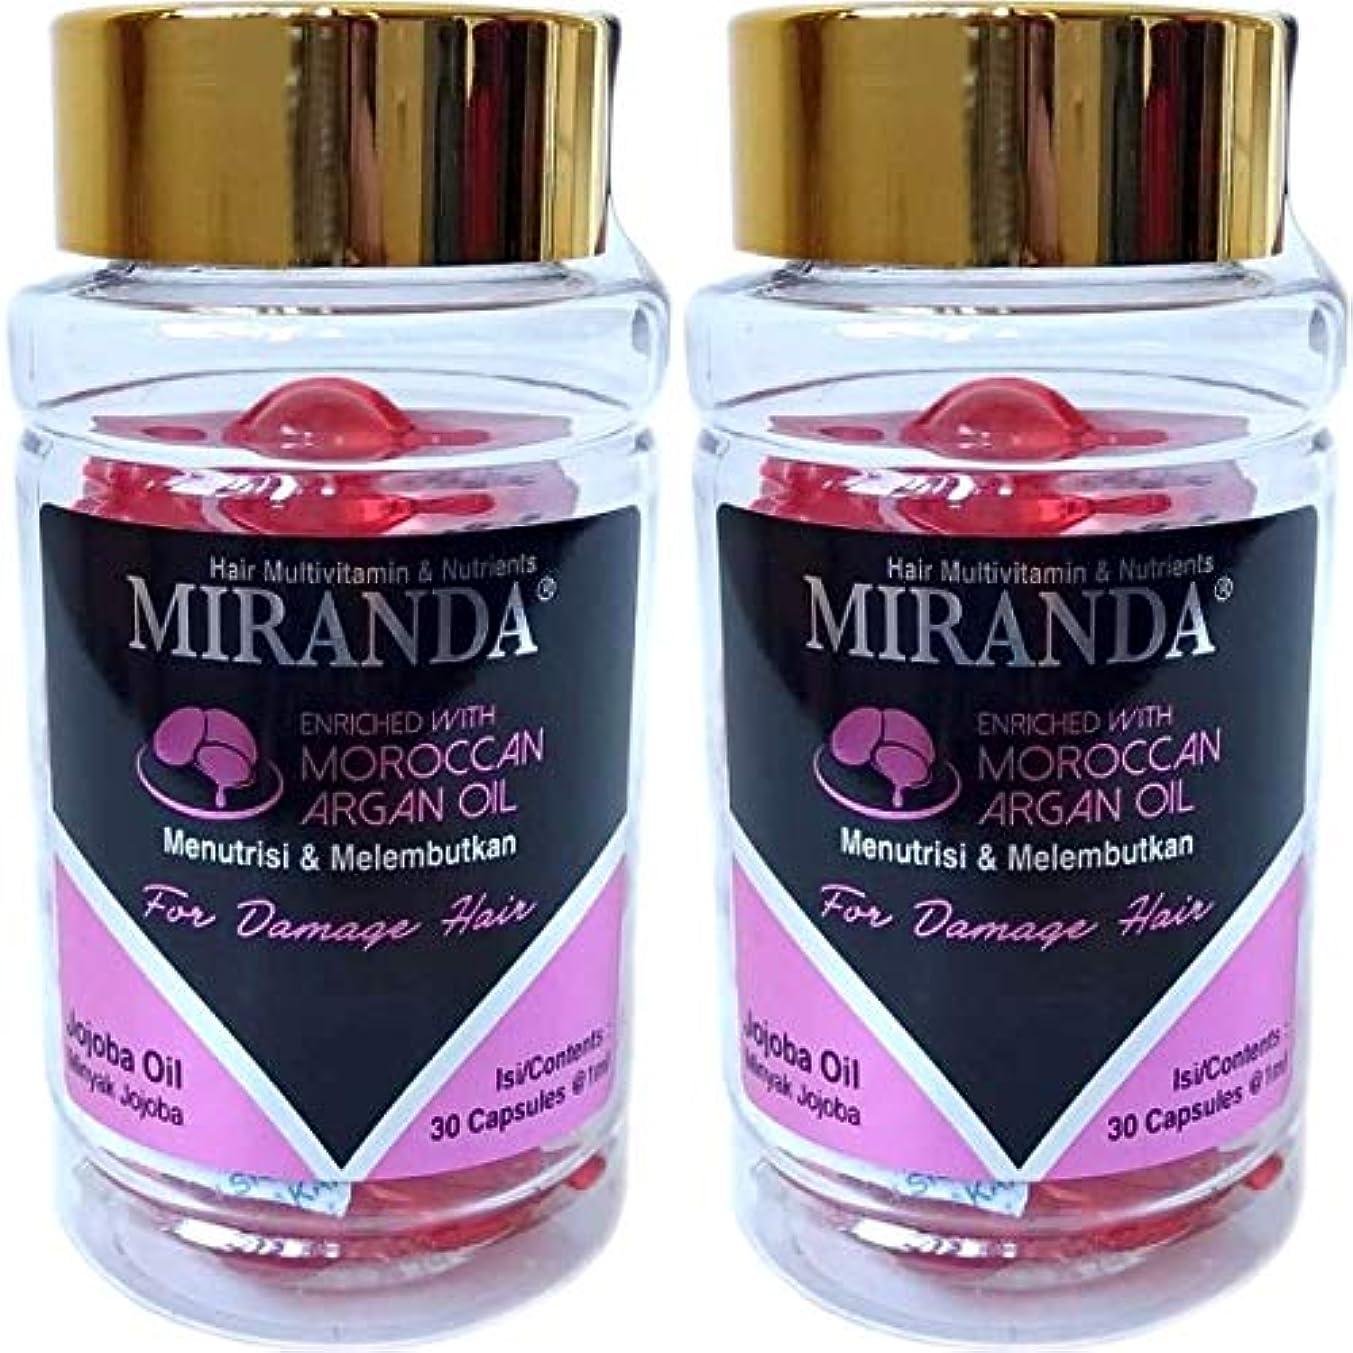 省凝視ダイアクリティカルMIRANDA ミランダ Hair Multivitamin&Nutrients ヘアマルチビタミン ニュートリエンツ 洗い流さないヘアトリートメント 30粒入ボトル×2個セット Jojoba oil ホホバオイル [海外直送品]